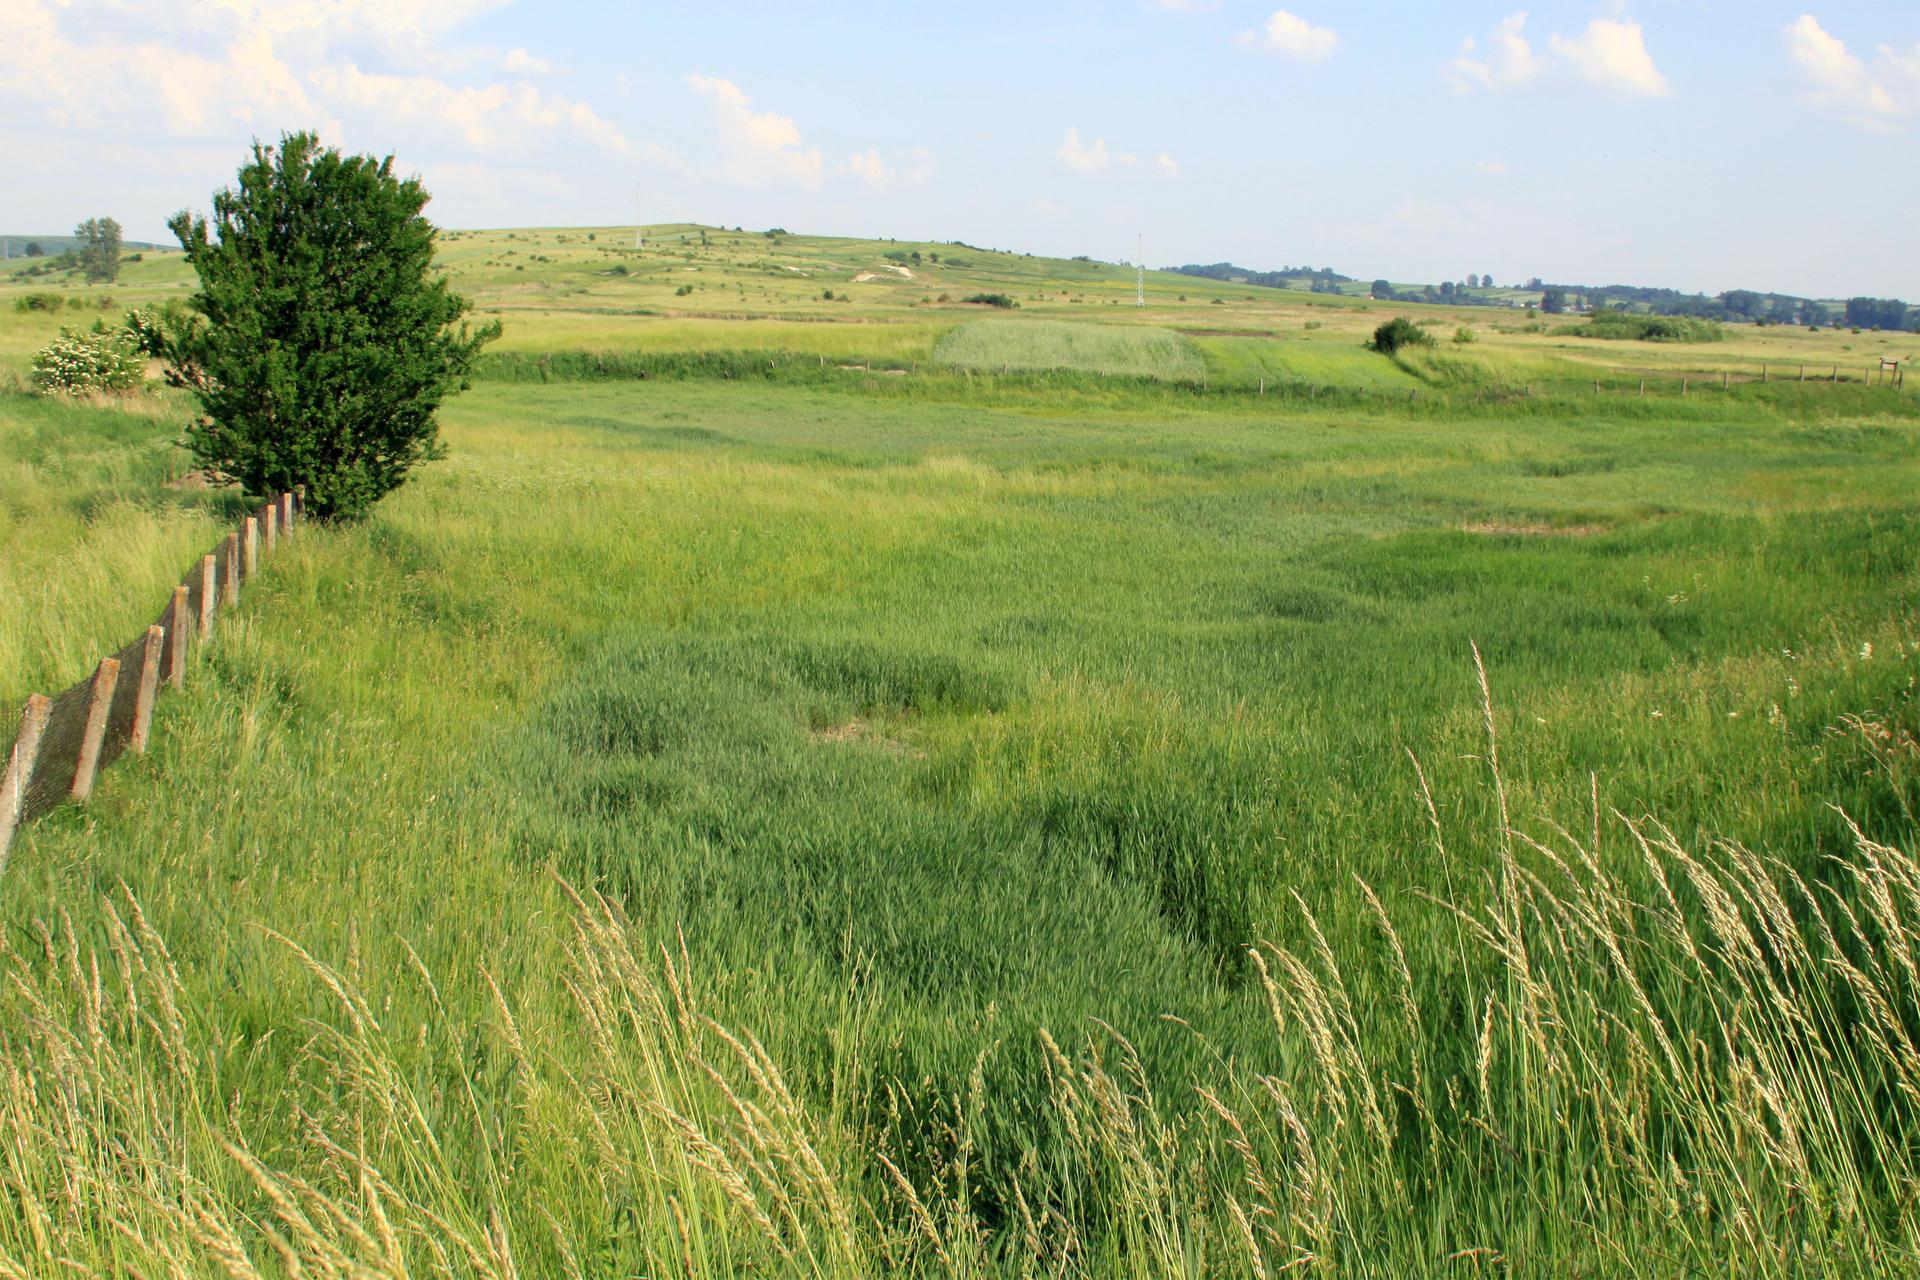 Fotografia przedstawia łąkę włagodnej dolinie. Zlewej znajduje się ogrodzenie idrzewo. To rezerwat słonorośli Owczary wwwojewództwie świętokrzyskim.